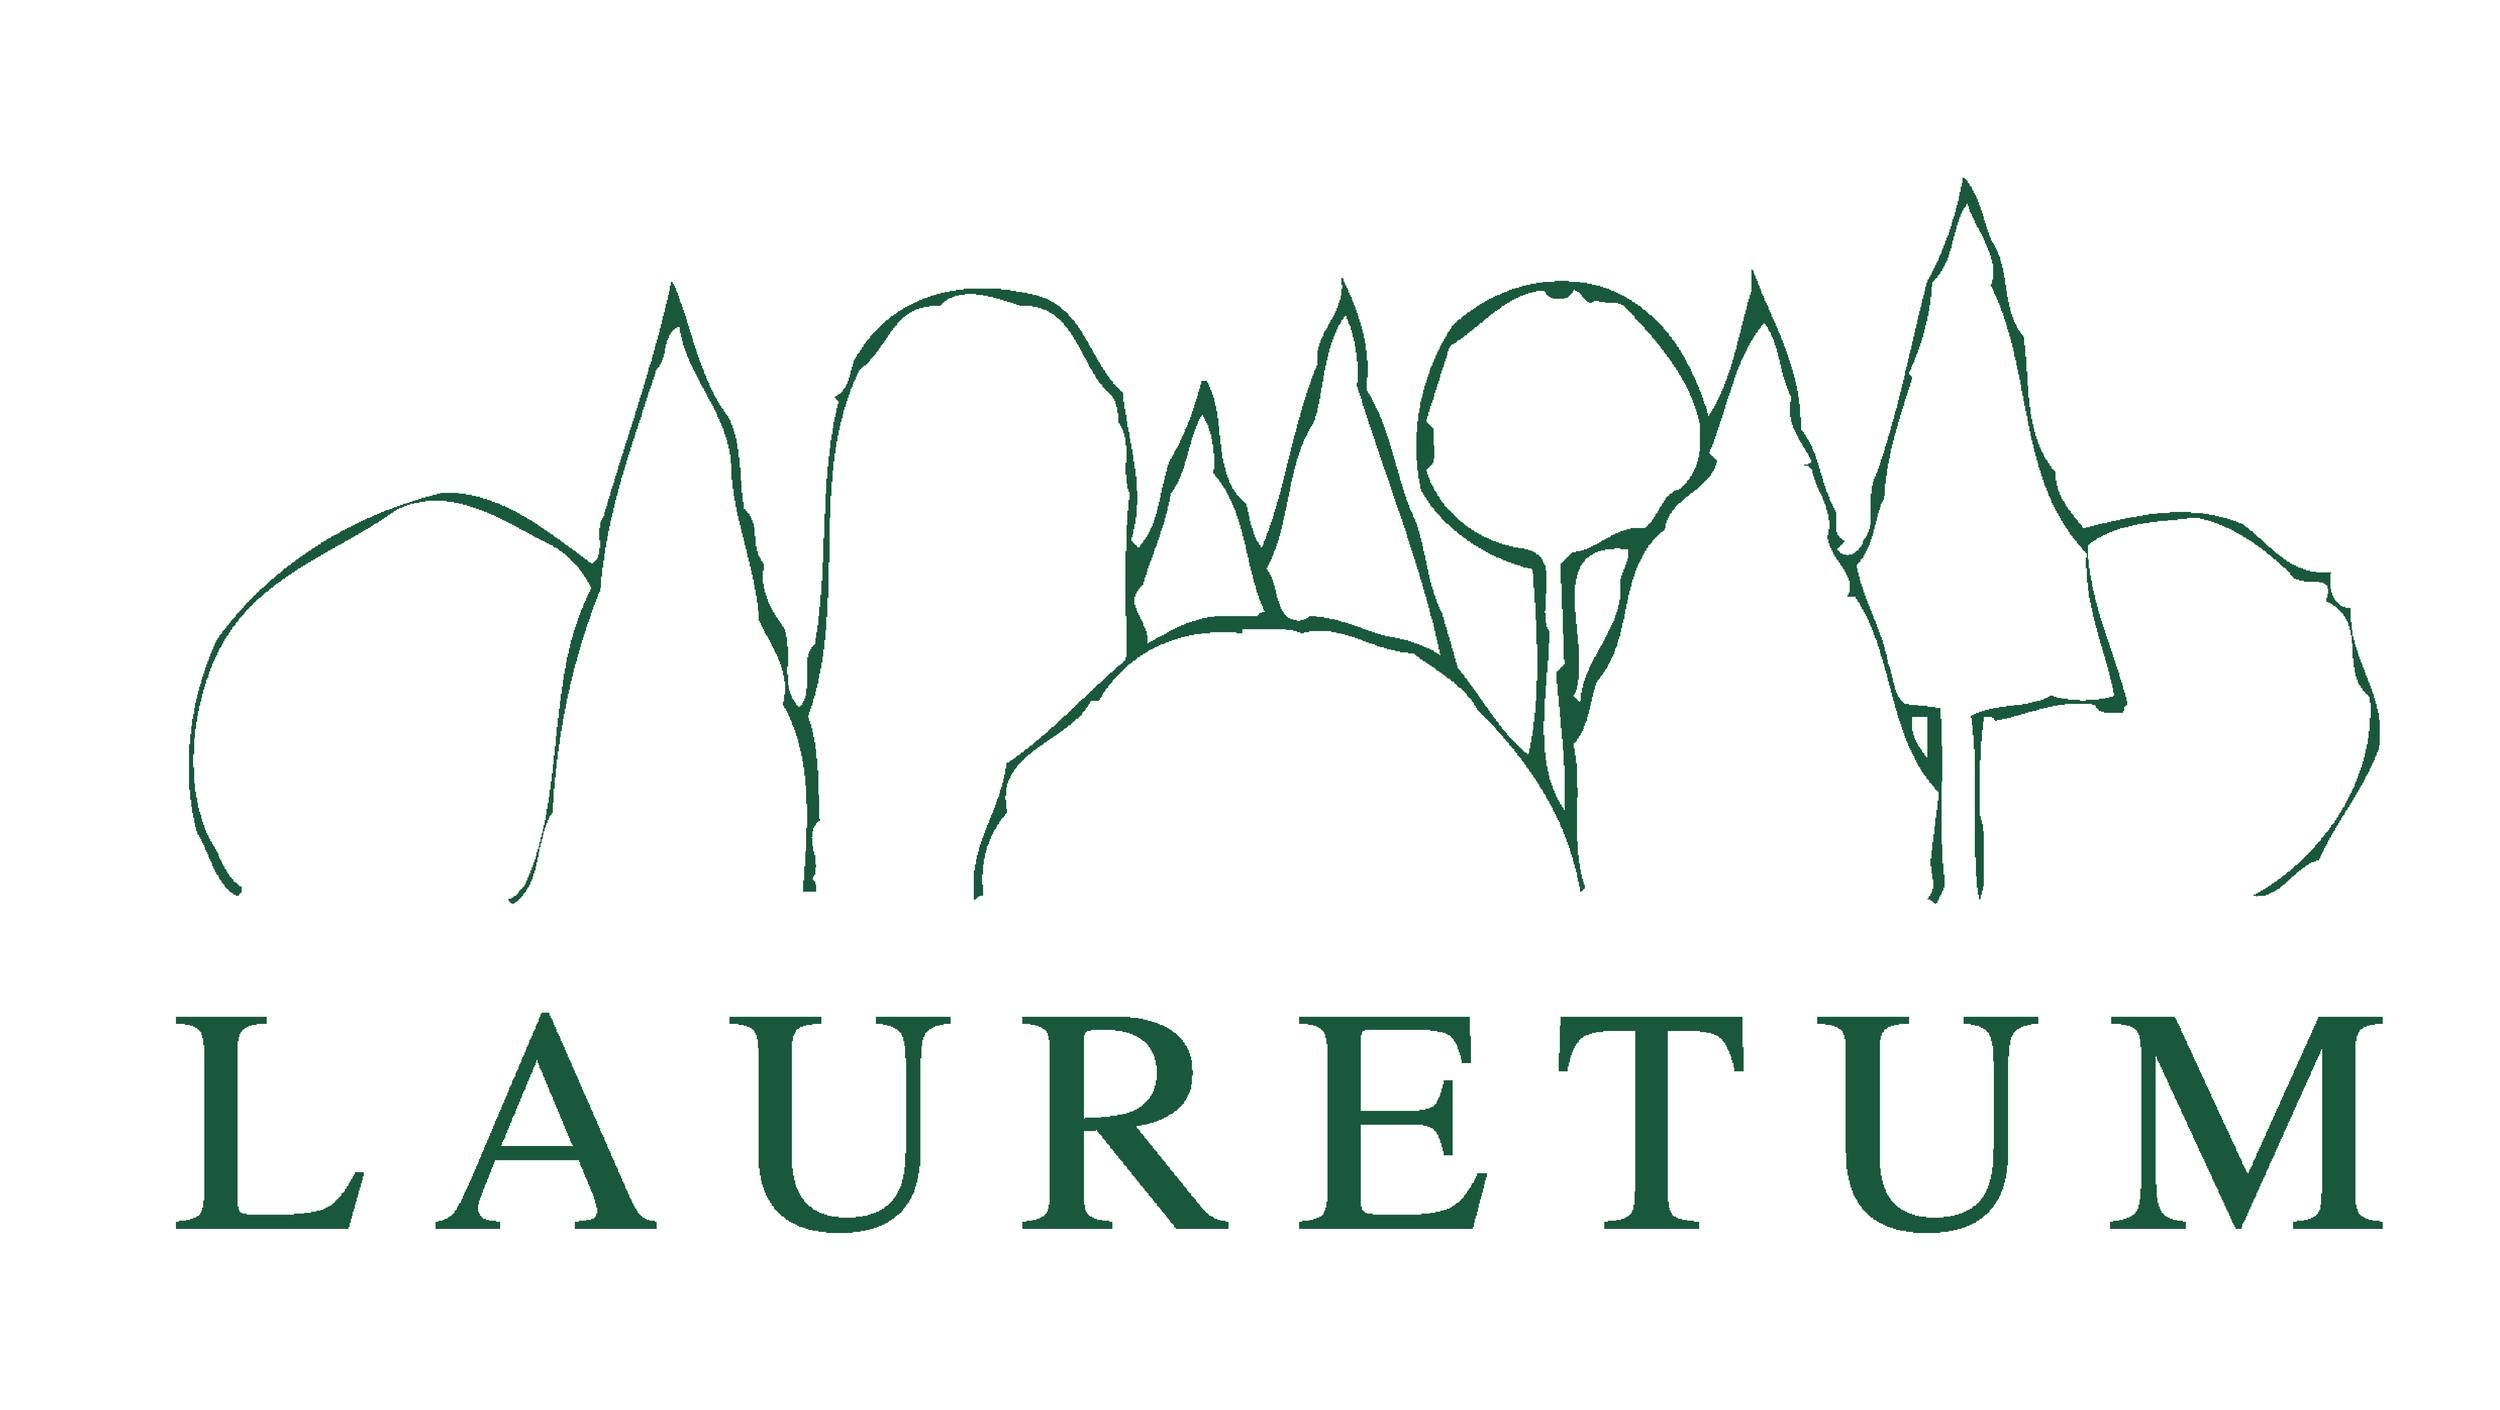 logo's website_lauretum-03.png